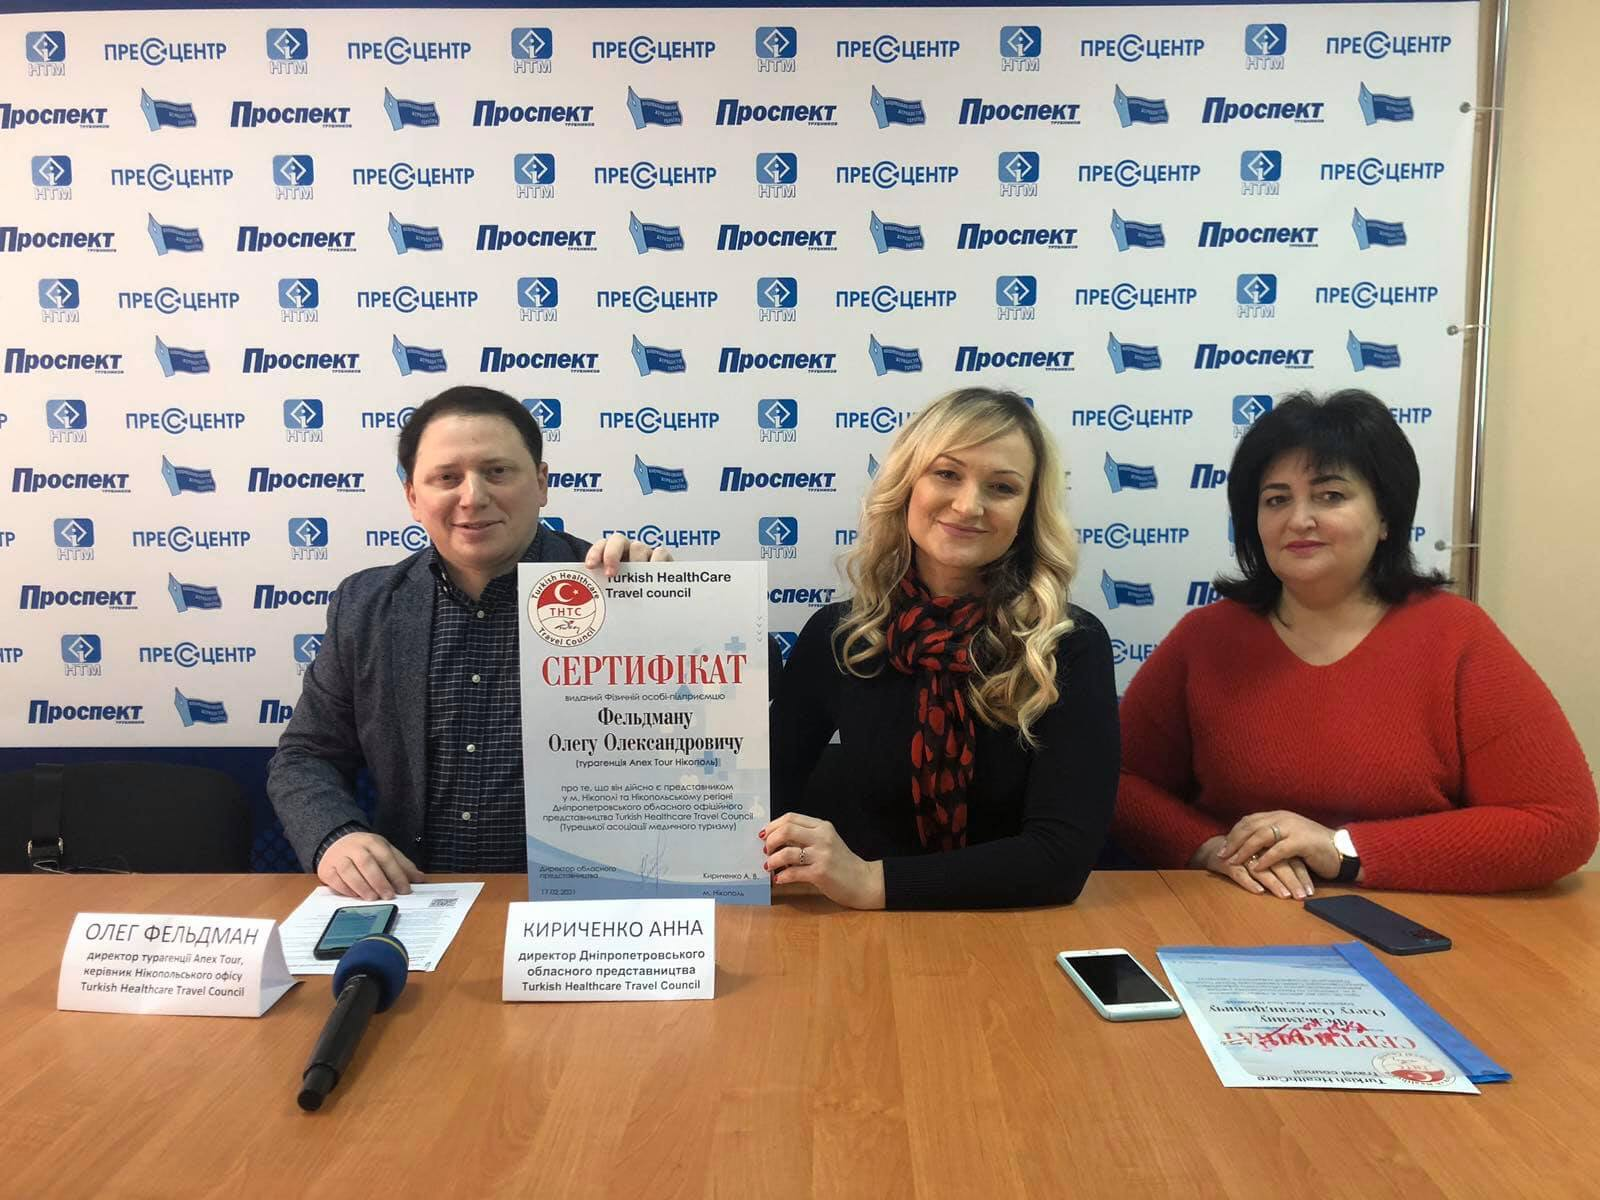 В Никополе открылся офис Турецкой ассоциации медицинского туризма | Прихист